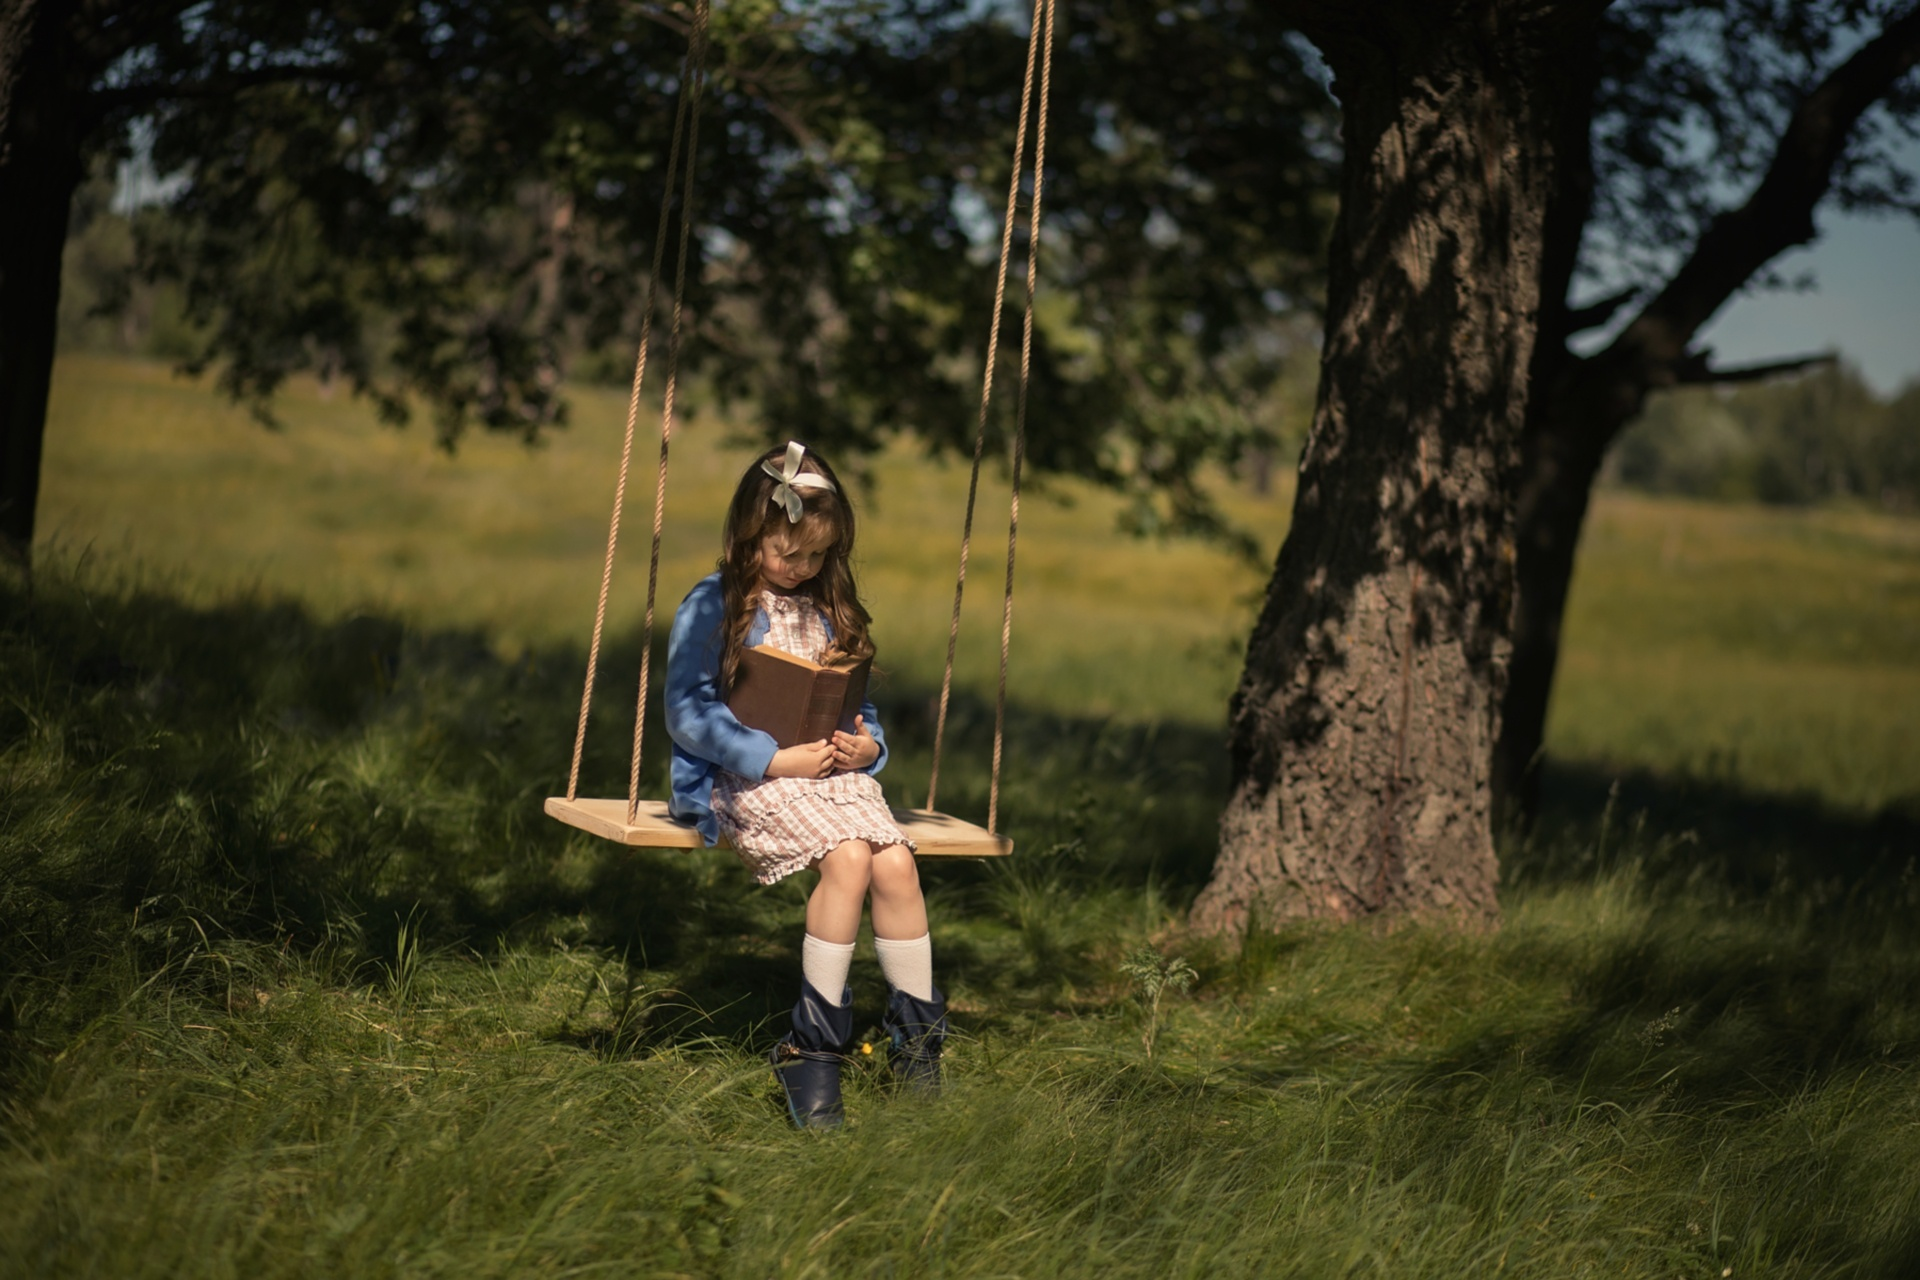 Girl swinging bat